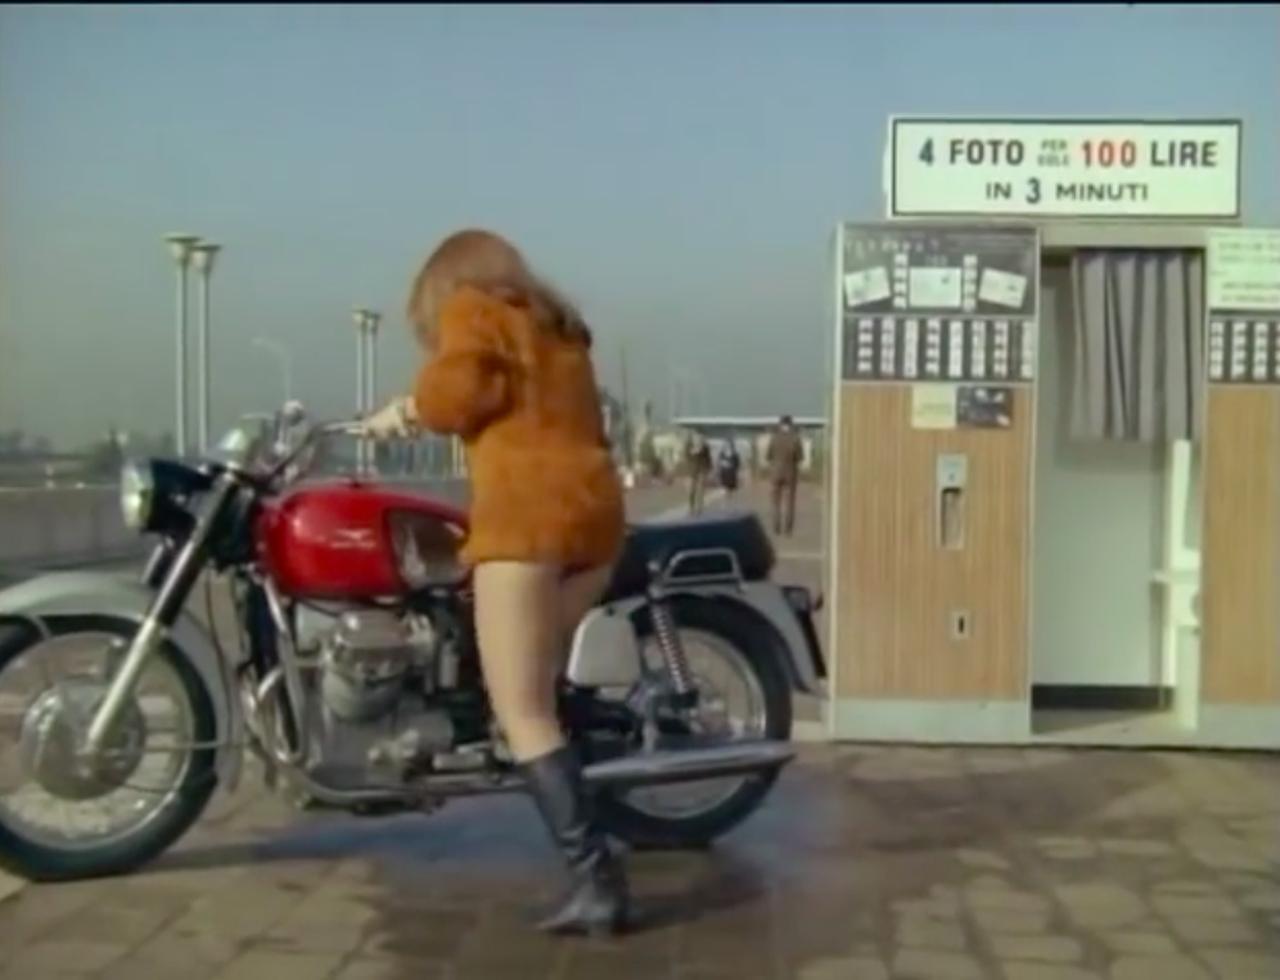 画像: シーンは変わって、街中の証明写真スタンドへ・・・。お尻が見えちゃってますね(笑)。 www.youtube.com